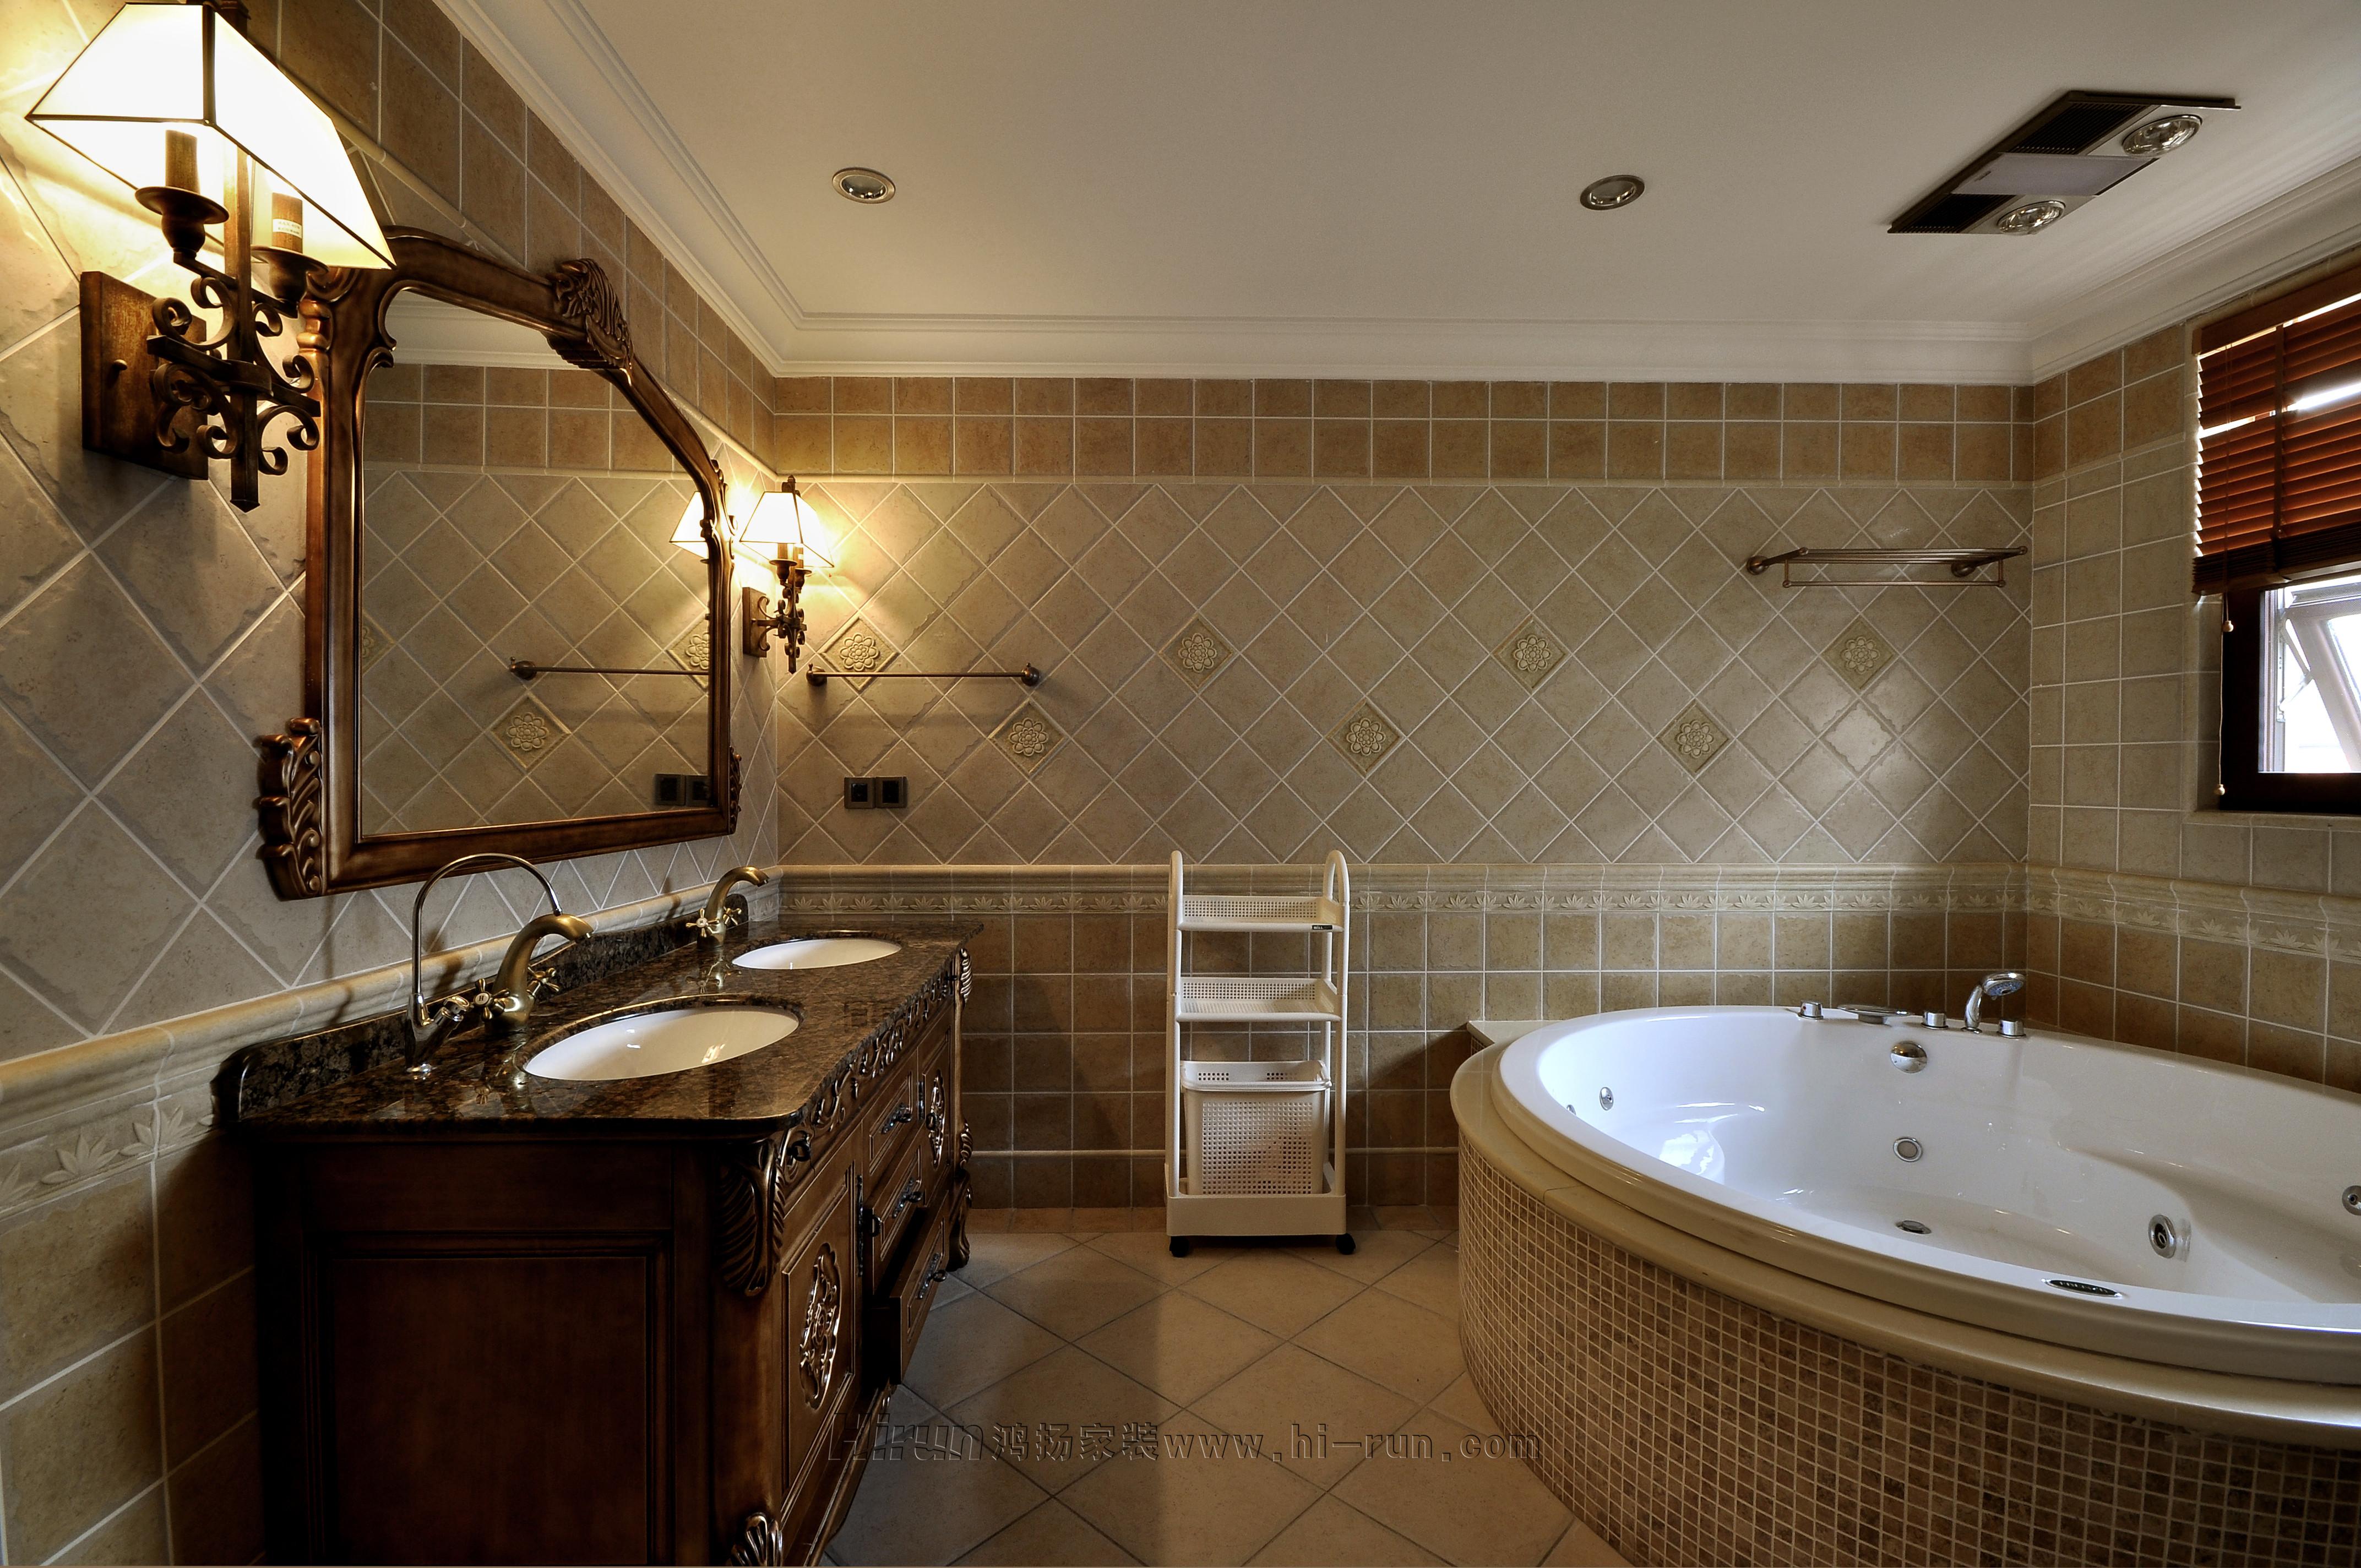 美式别墅卫生间装修效果图片_装修美图-新浪装修家居